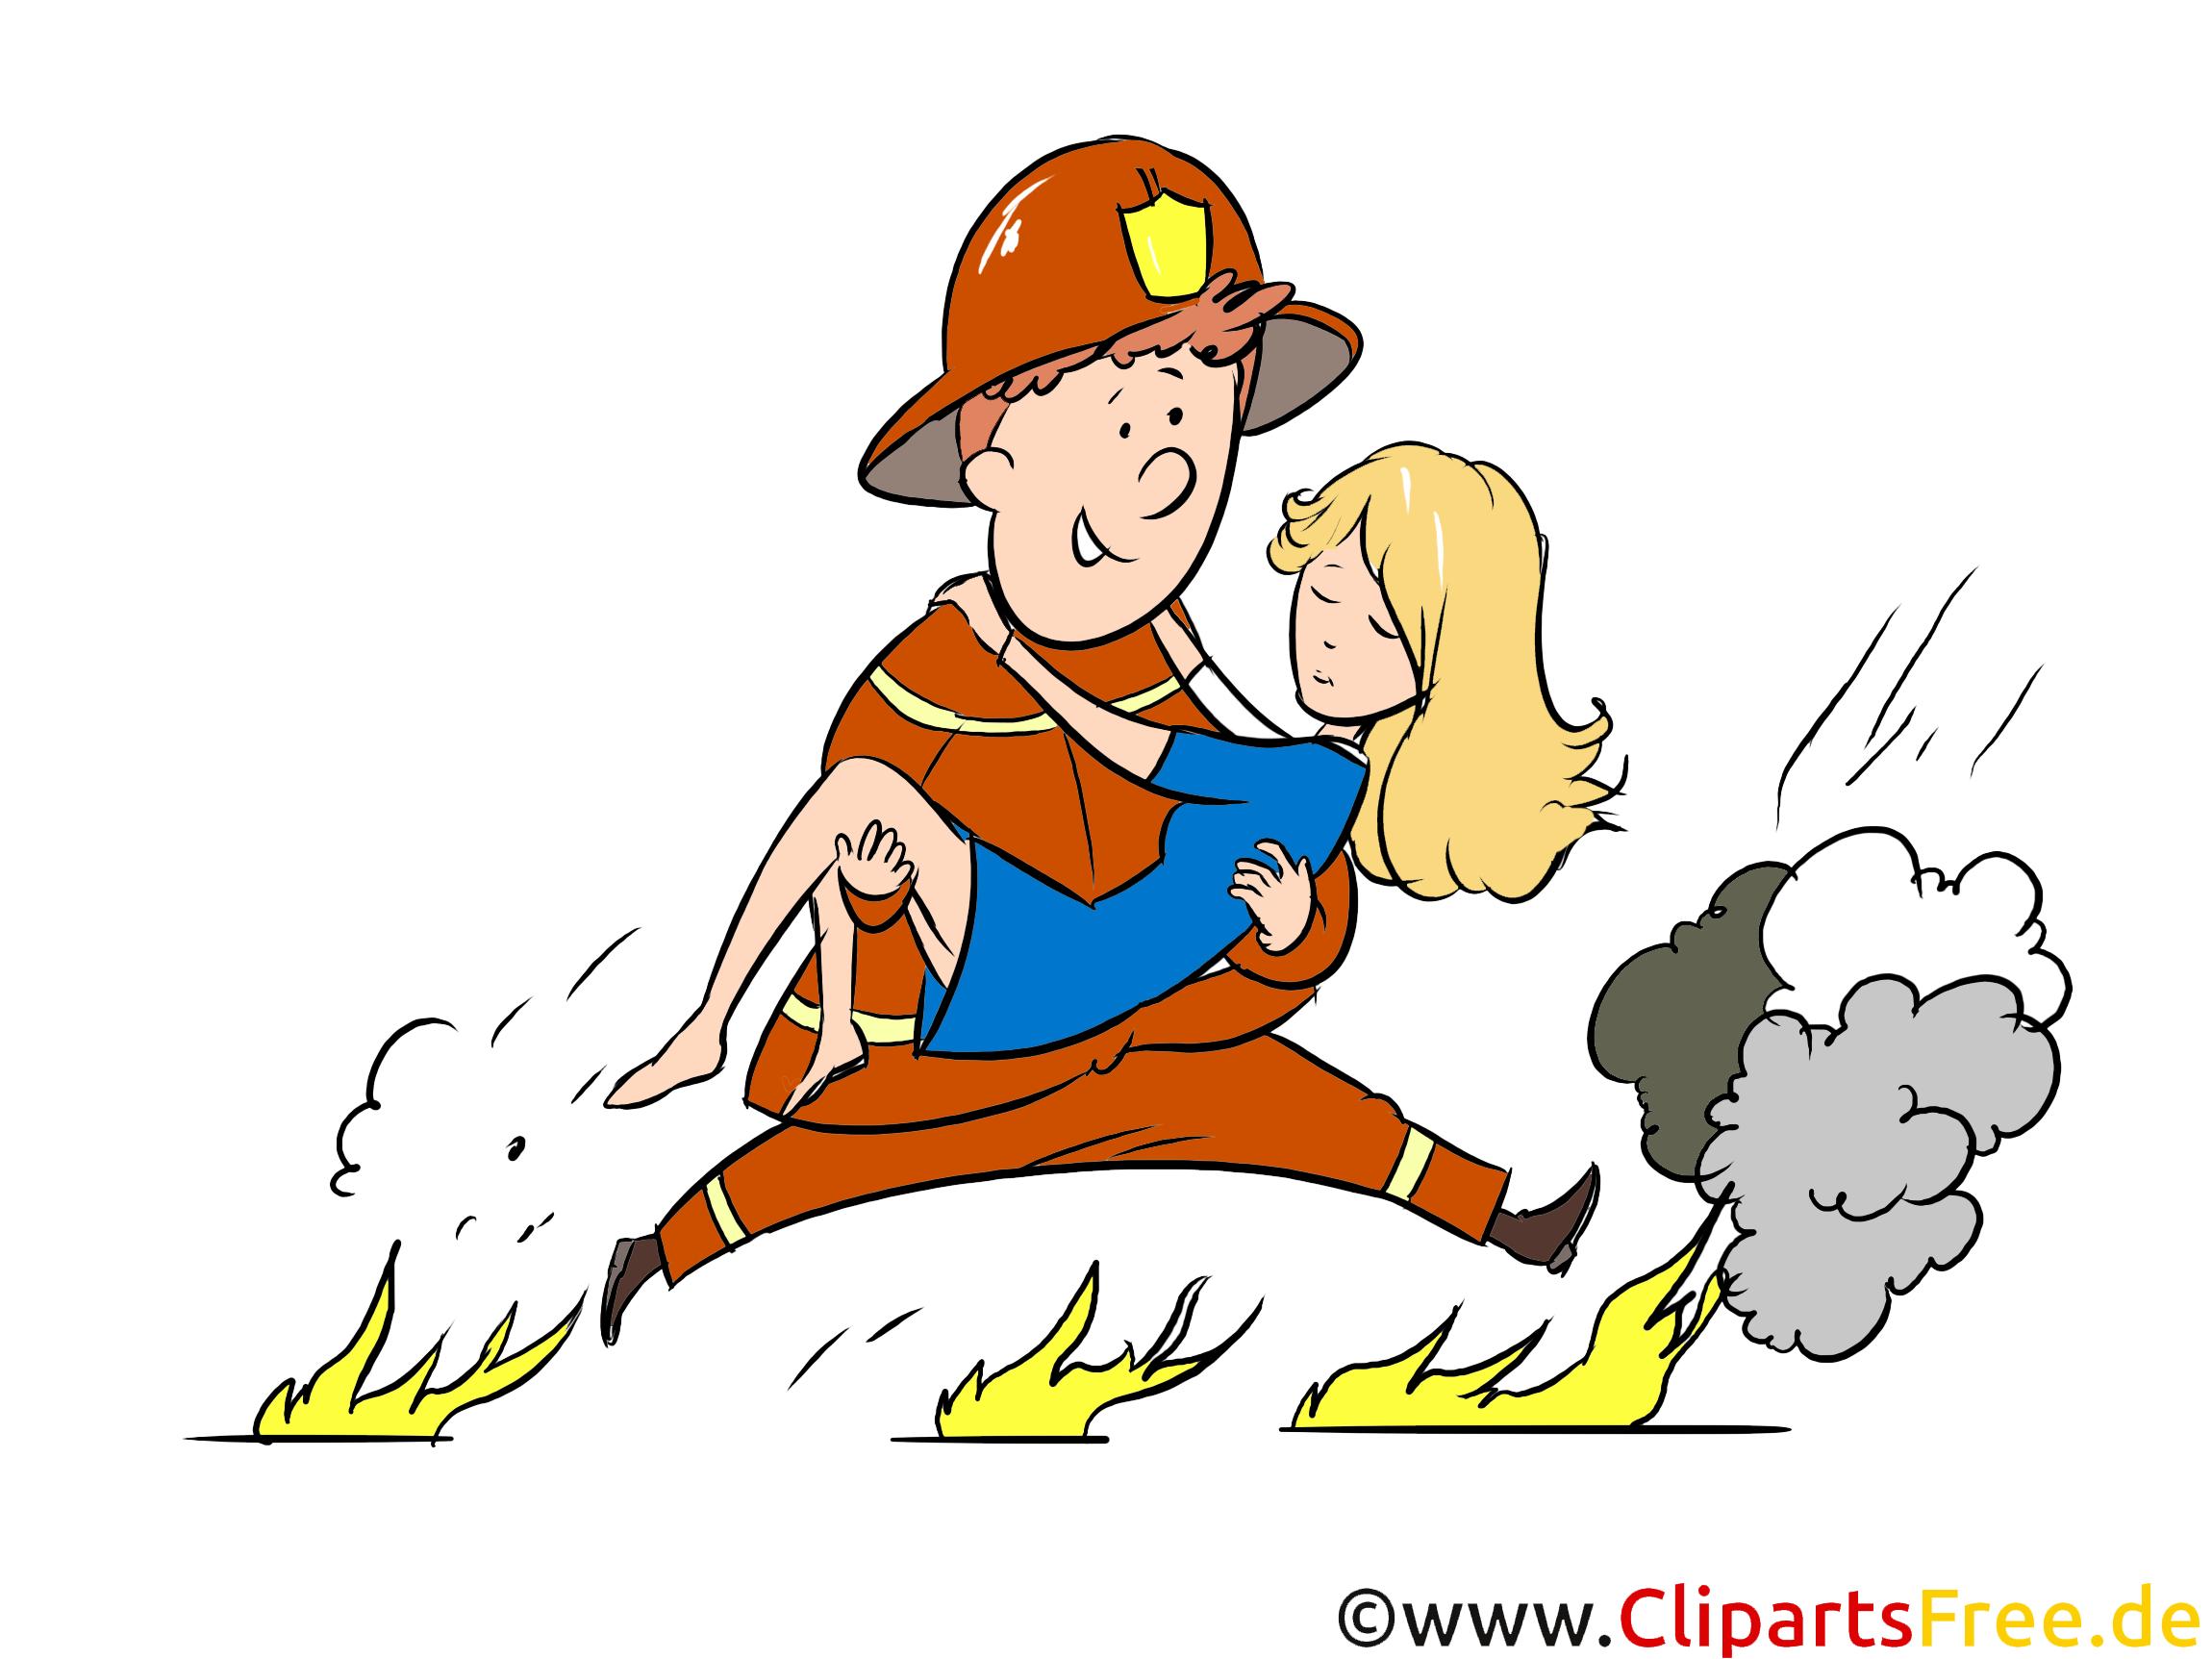 Feuerwehrmann Rettet Eine Frau Illustration Clipart Bild